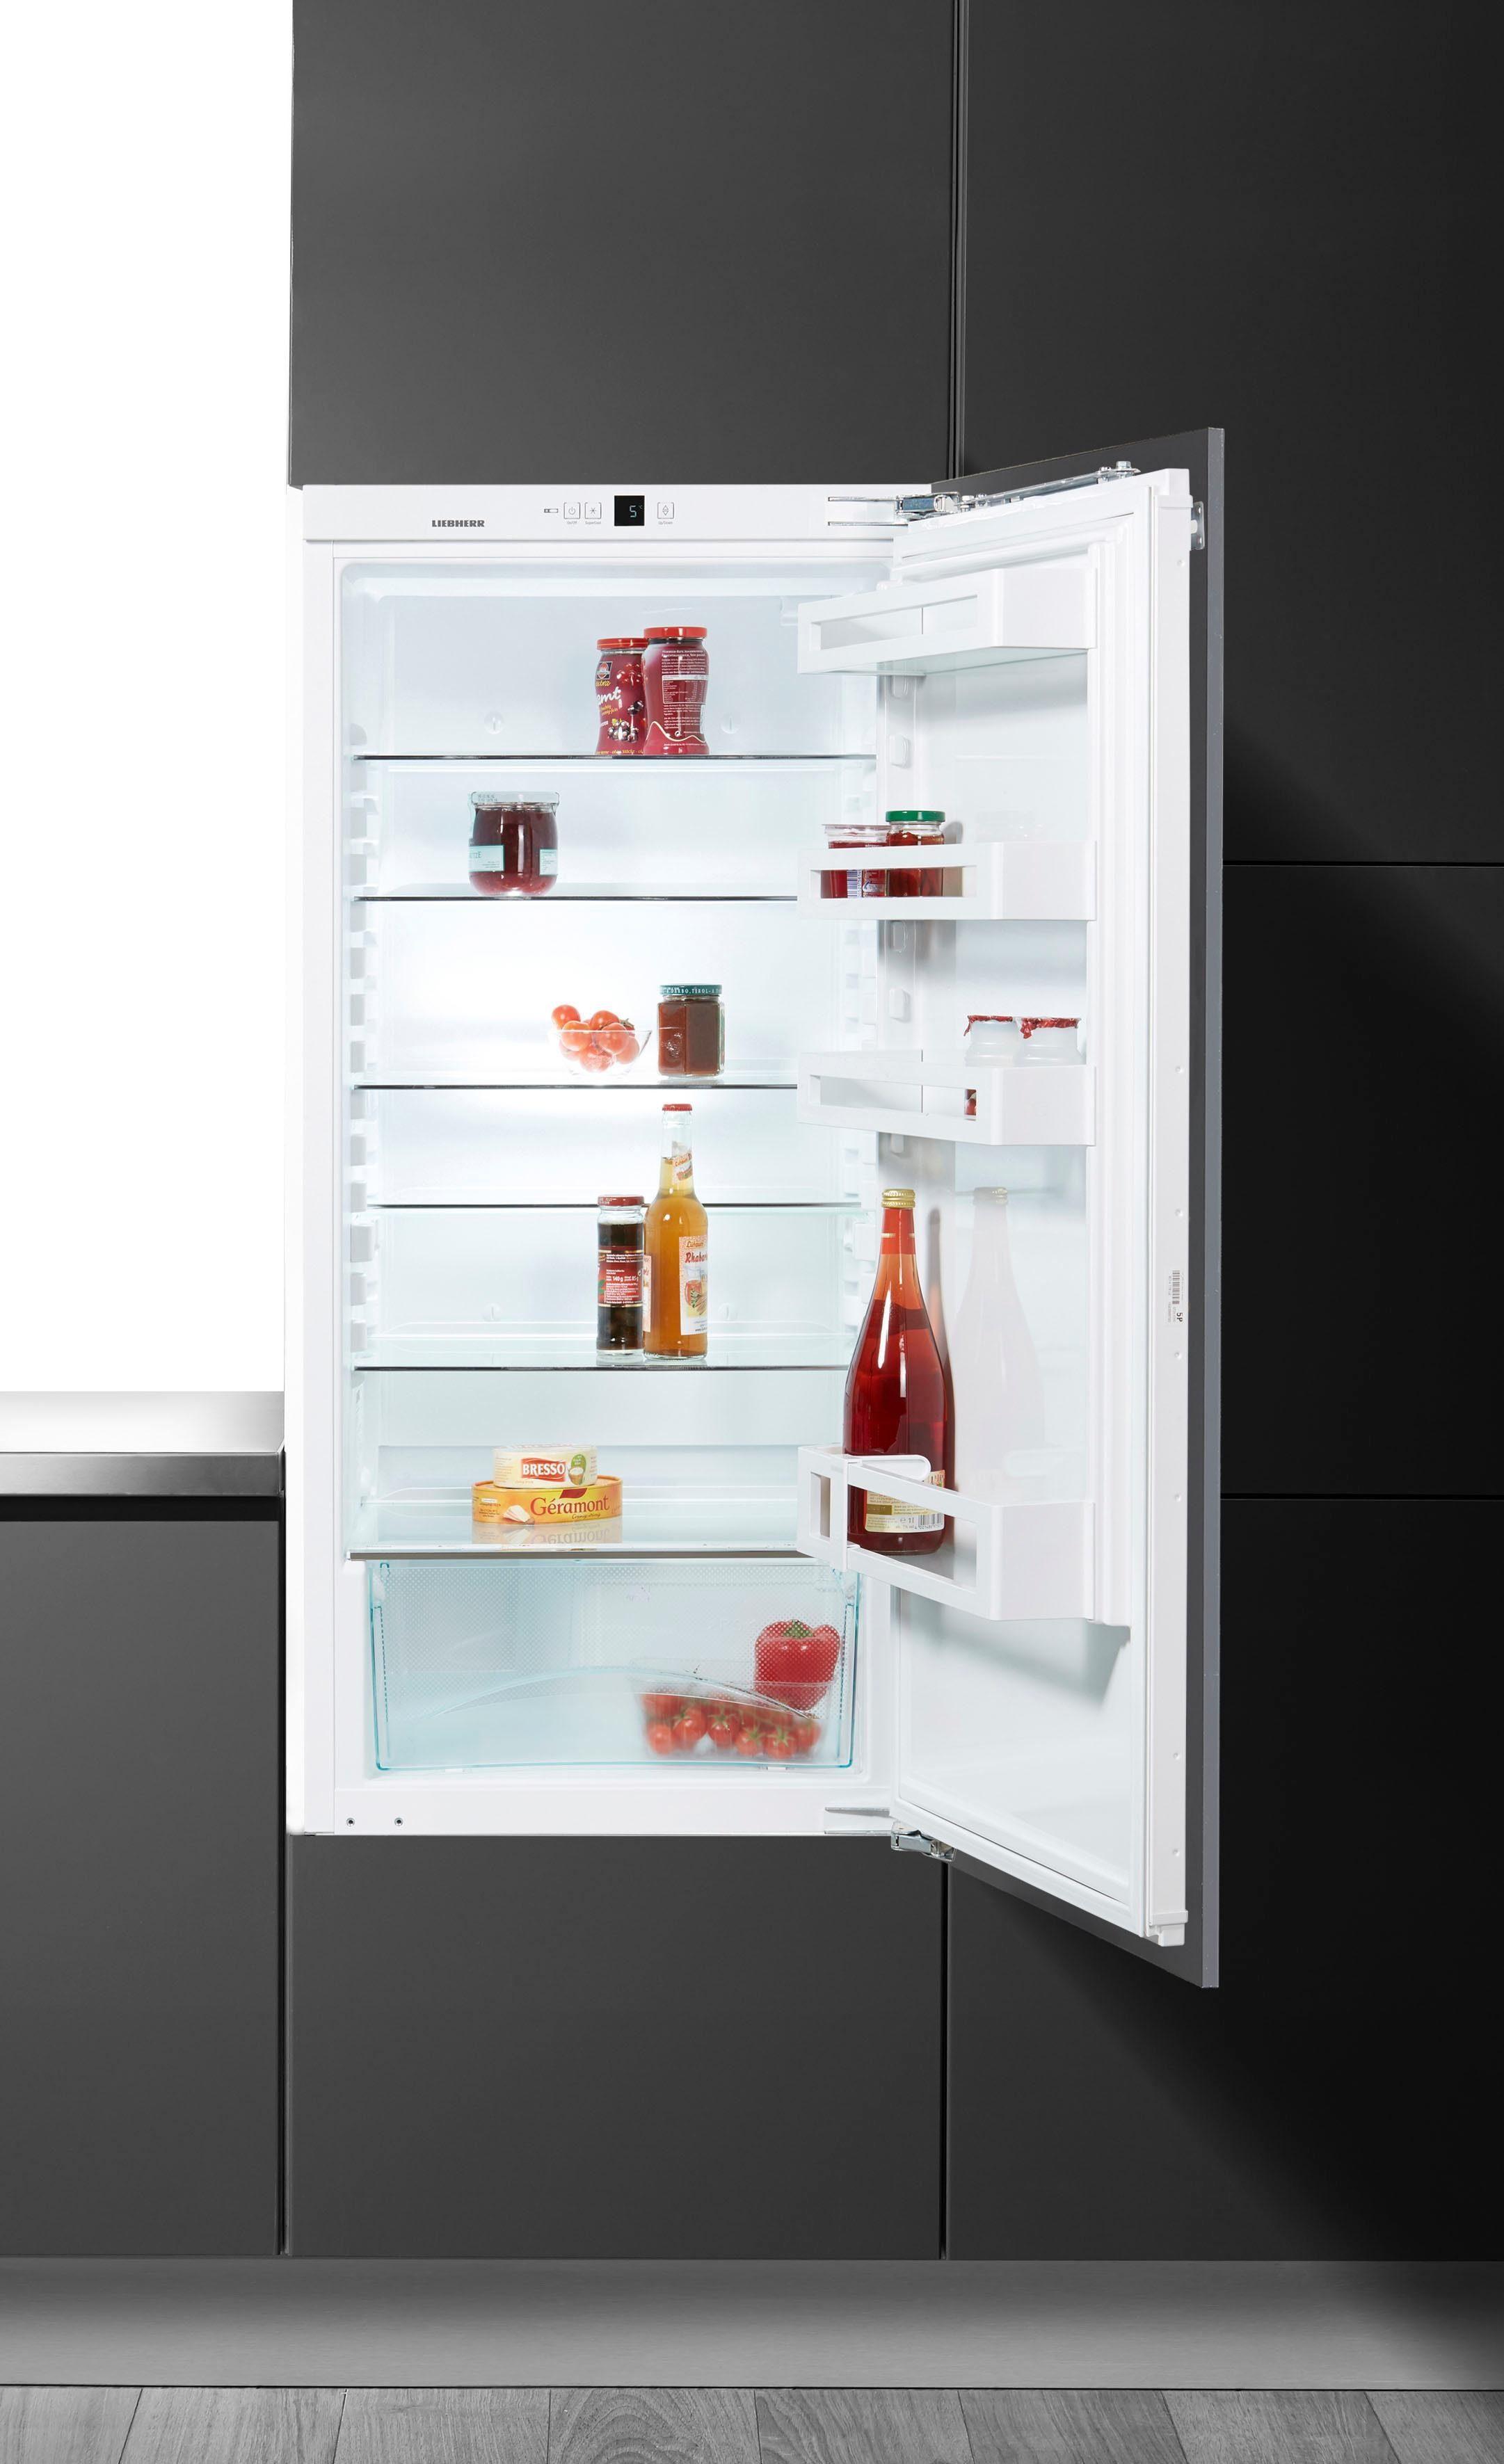 Liebherr Einbaukühlschrank IK 2320, 121,8 cm hoch, 55,9 cm breit, Energieklasse A++, 121,8 cm hoch, integrierbar